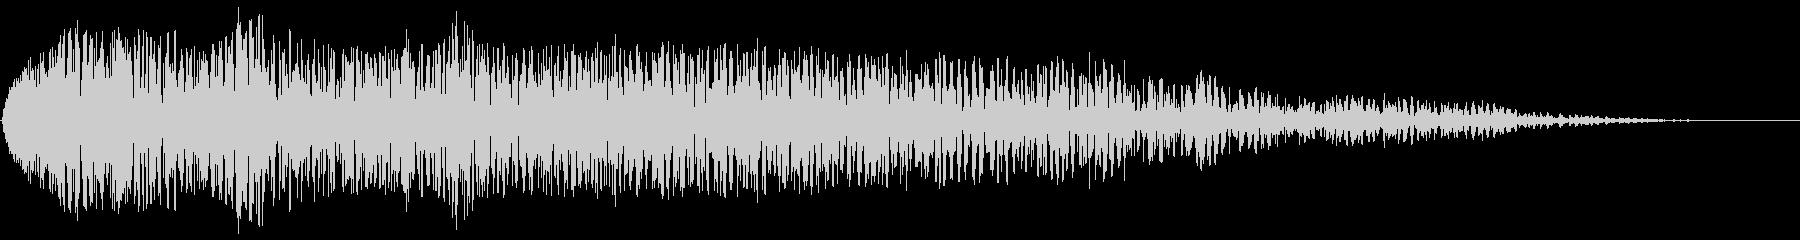 シューン(エレクトロニックな爆発音)の未再生の波形